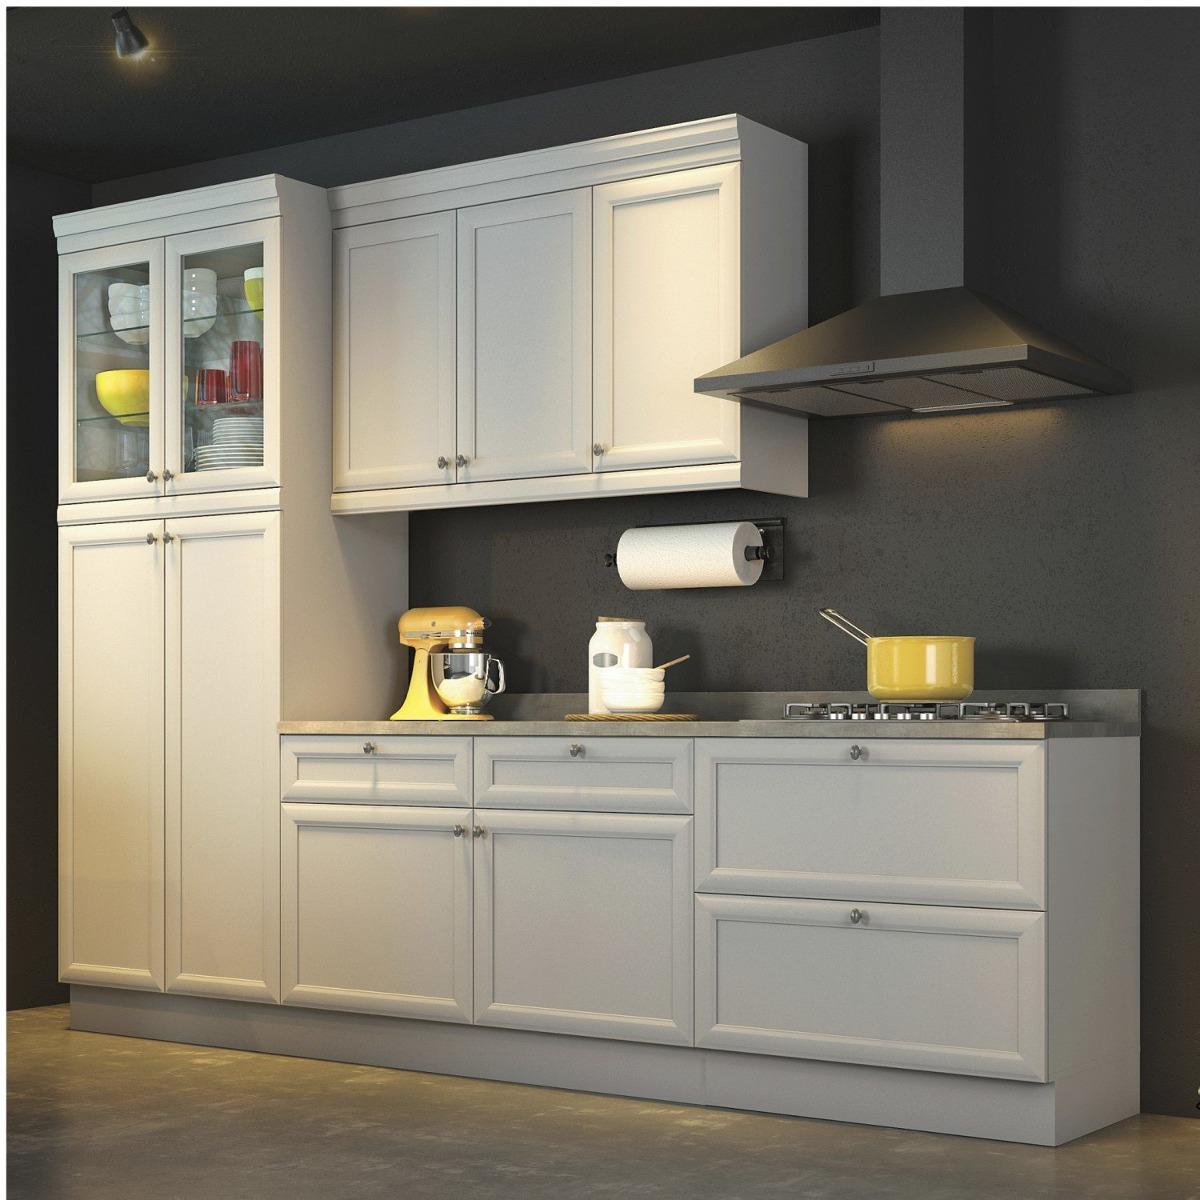 Cozinha Compacta Em L Carregando Zoom Cozinha Compacta Com Gavetas